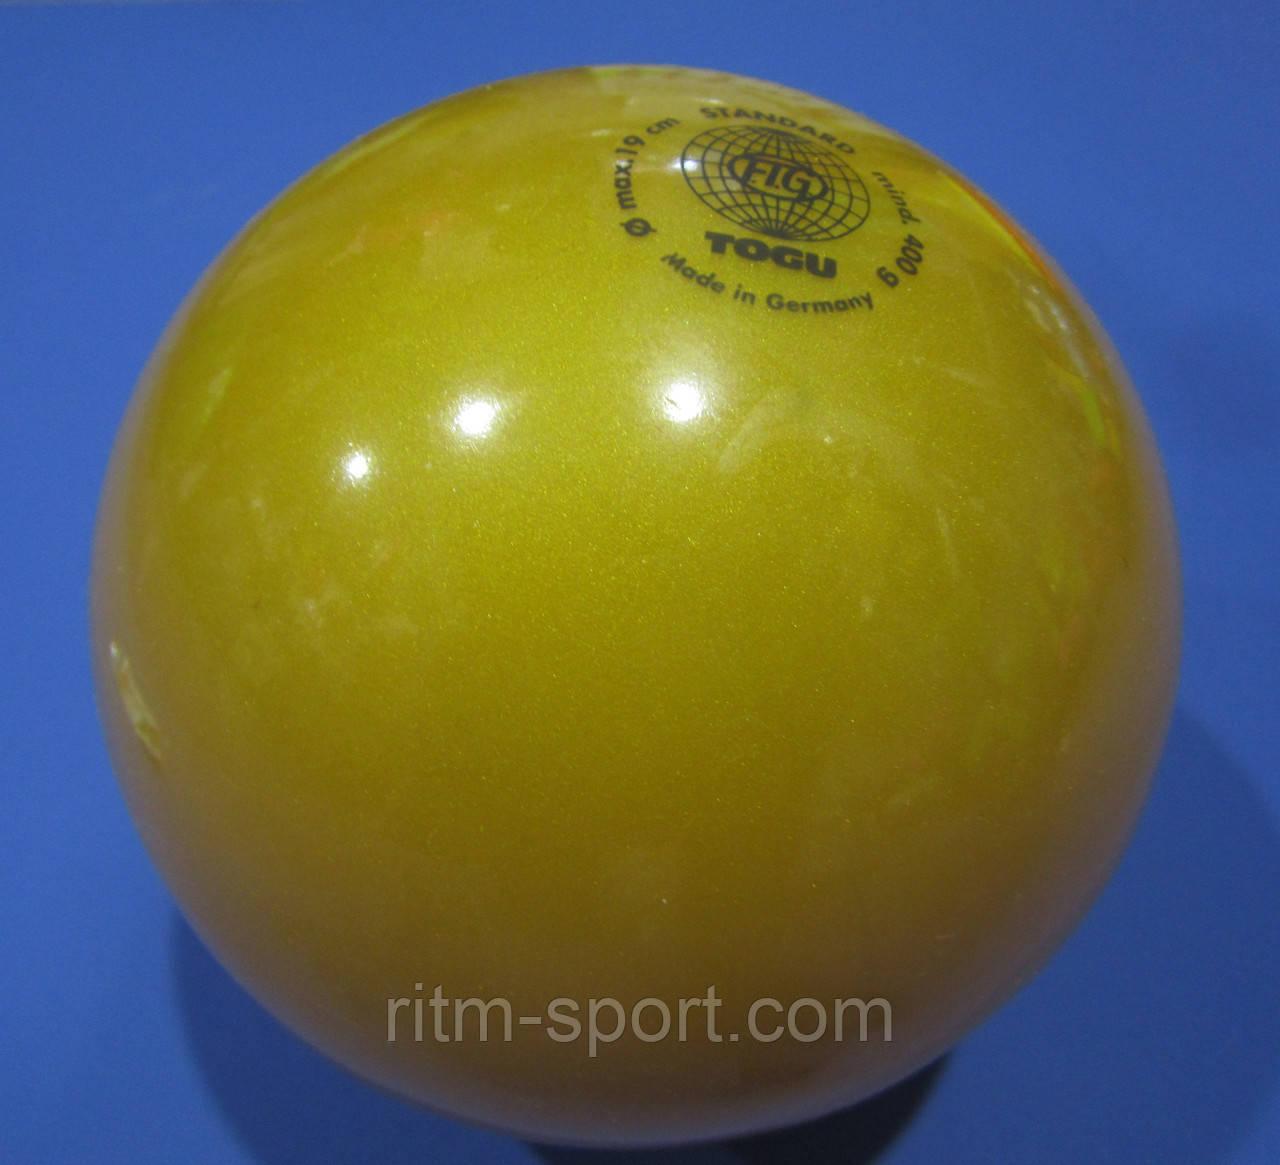 Мяч для художественной гимнастики T0GU Германия (19 см,400 г)